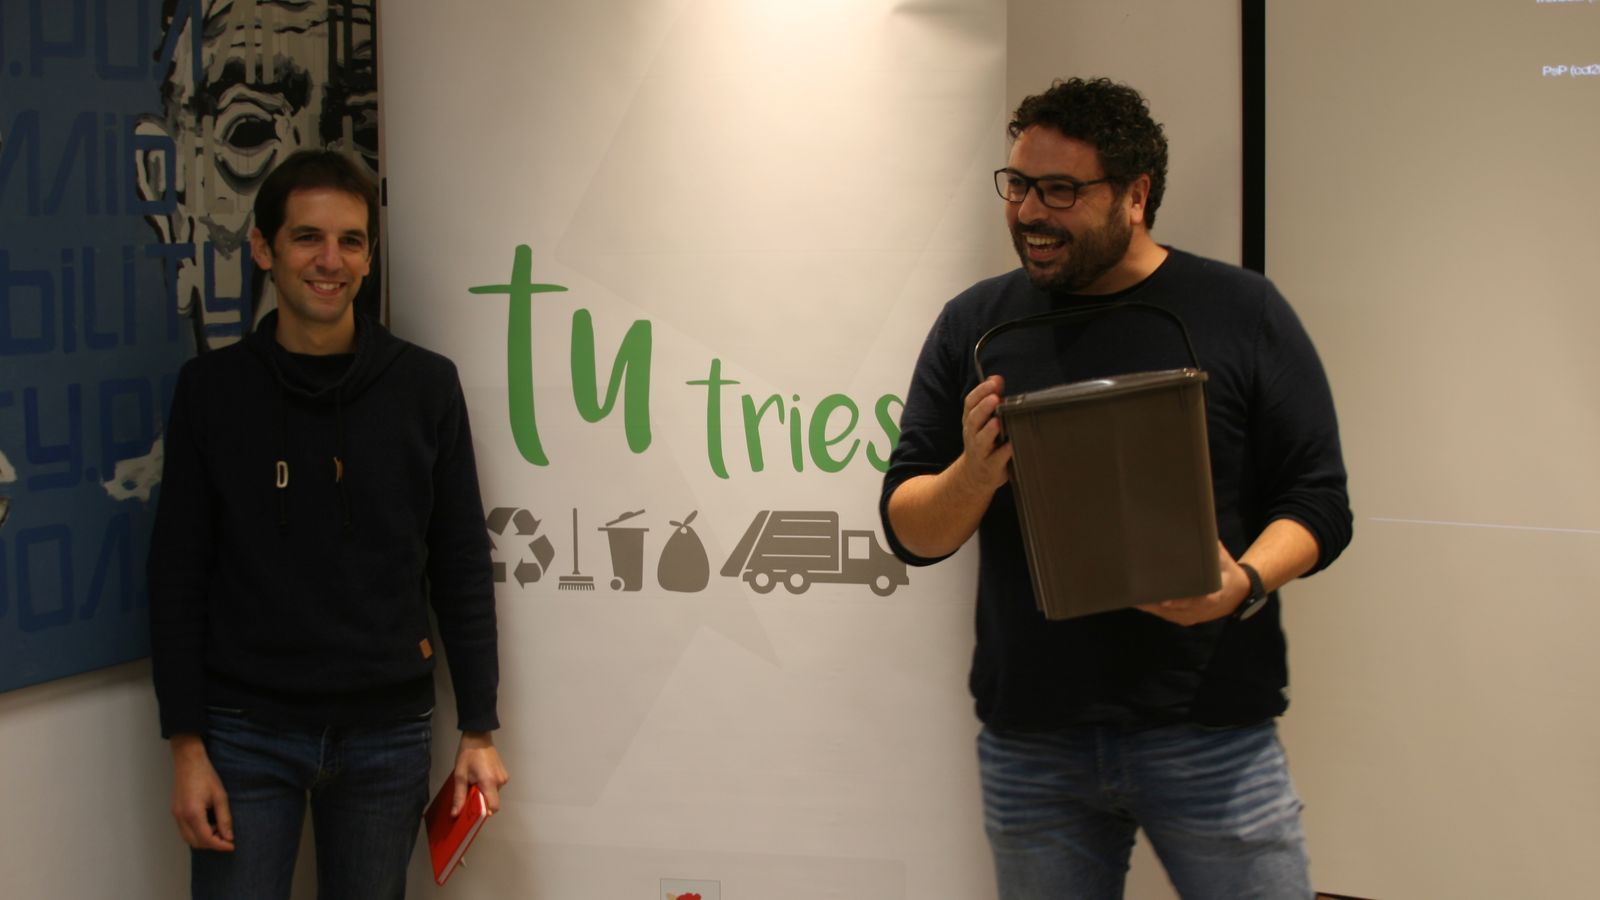 El tècnic de medi ambient Antoni Pasqual i el regidor Sebastià Llodrà amb el poal que es fa servir per a matèria orgànica.